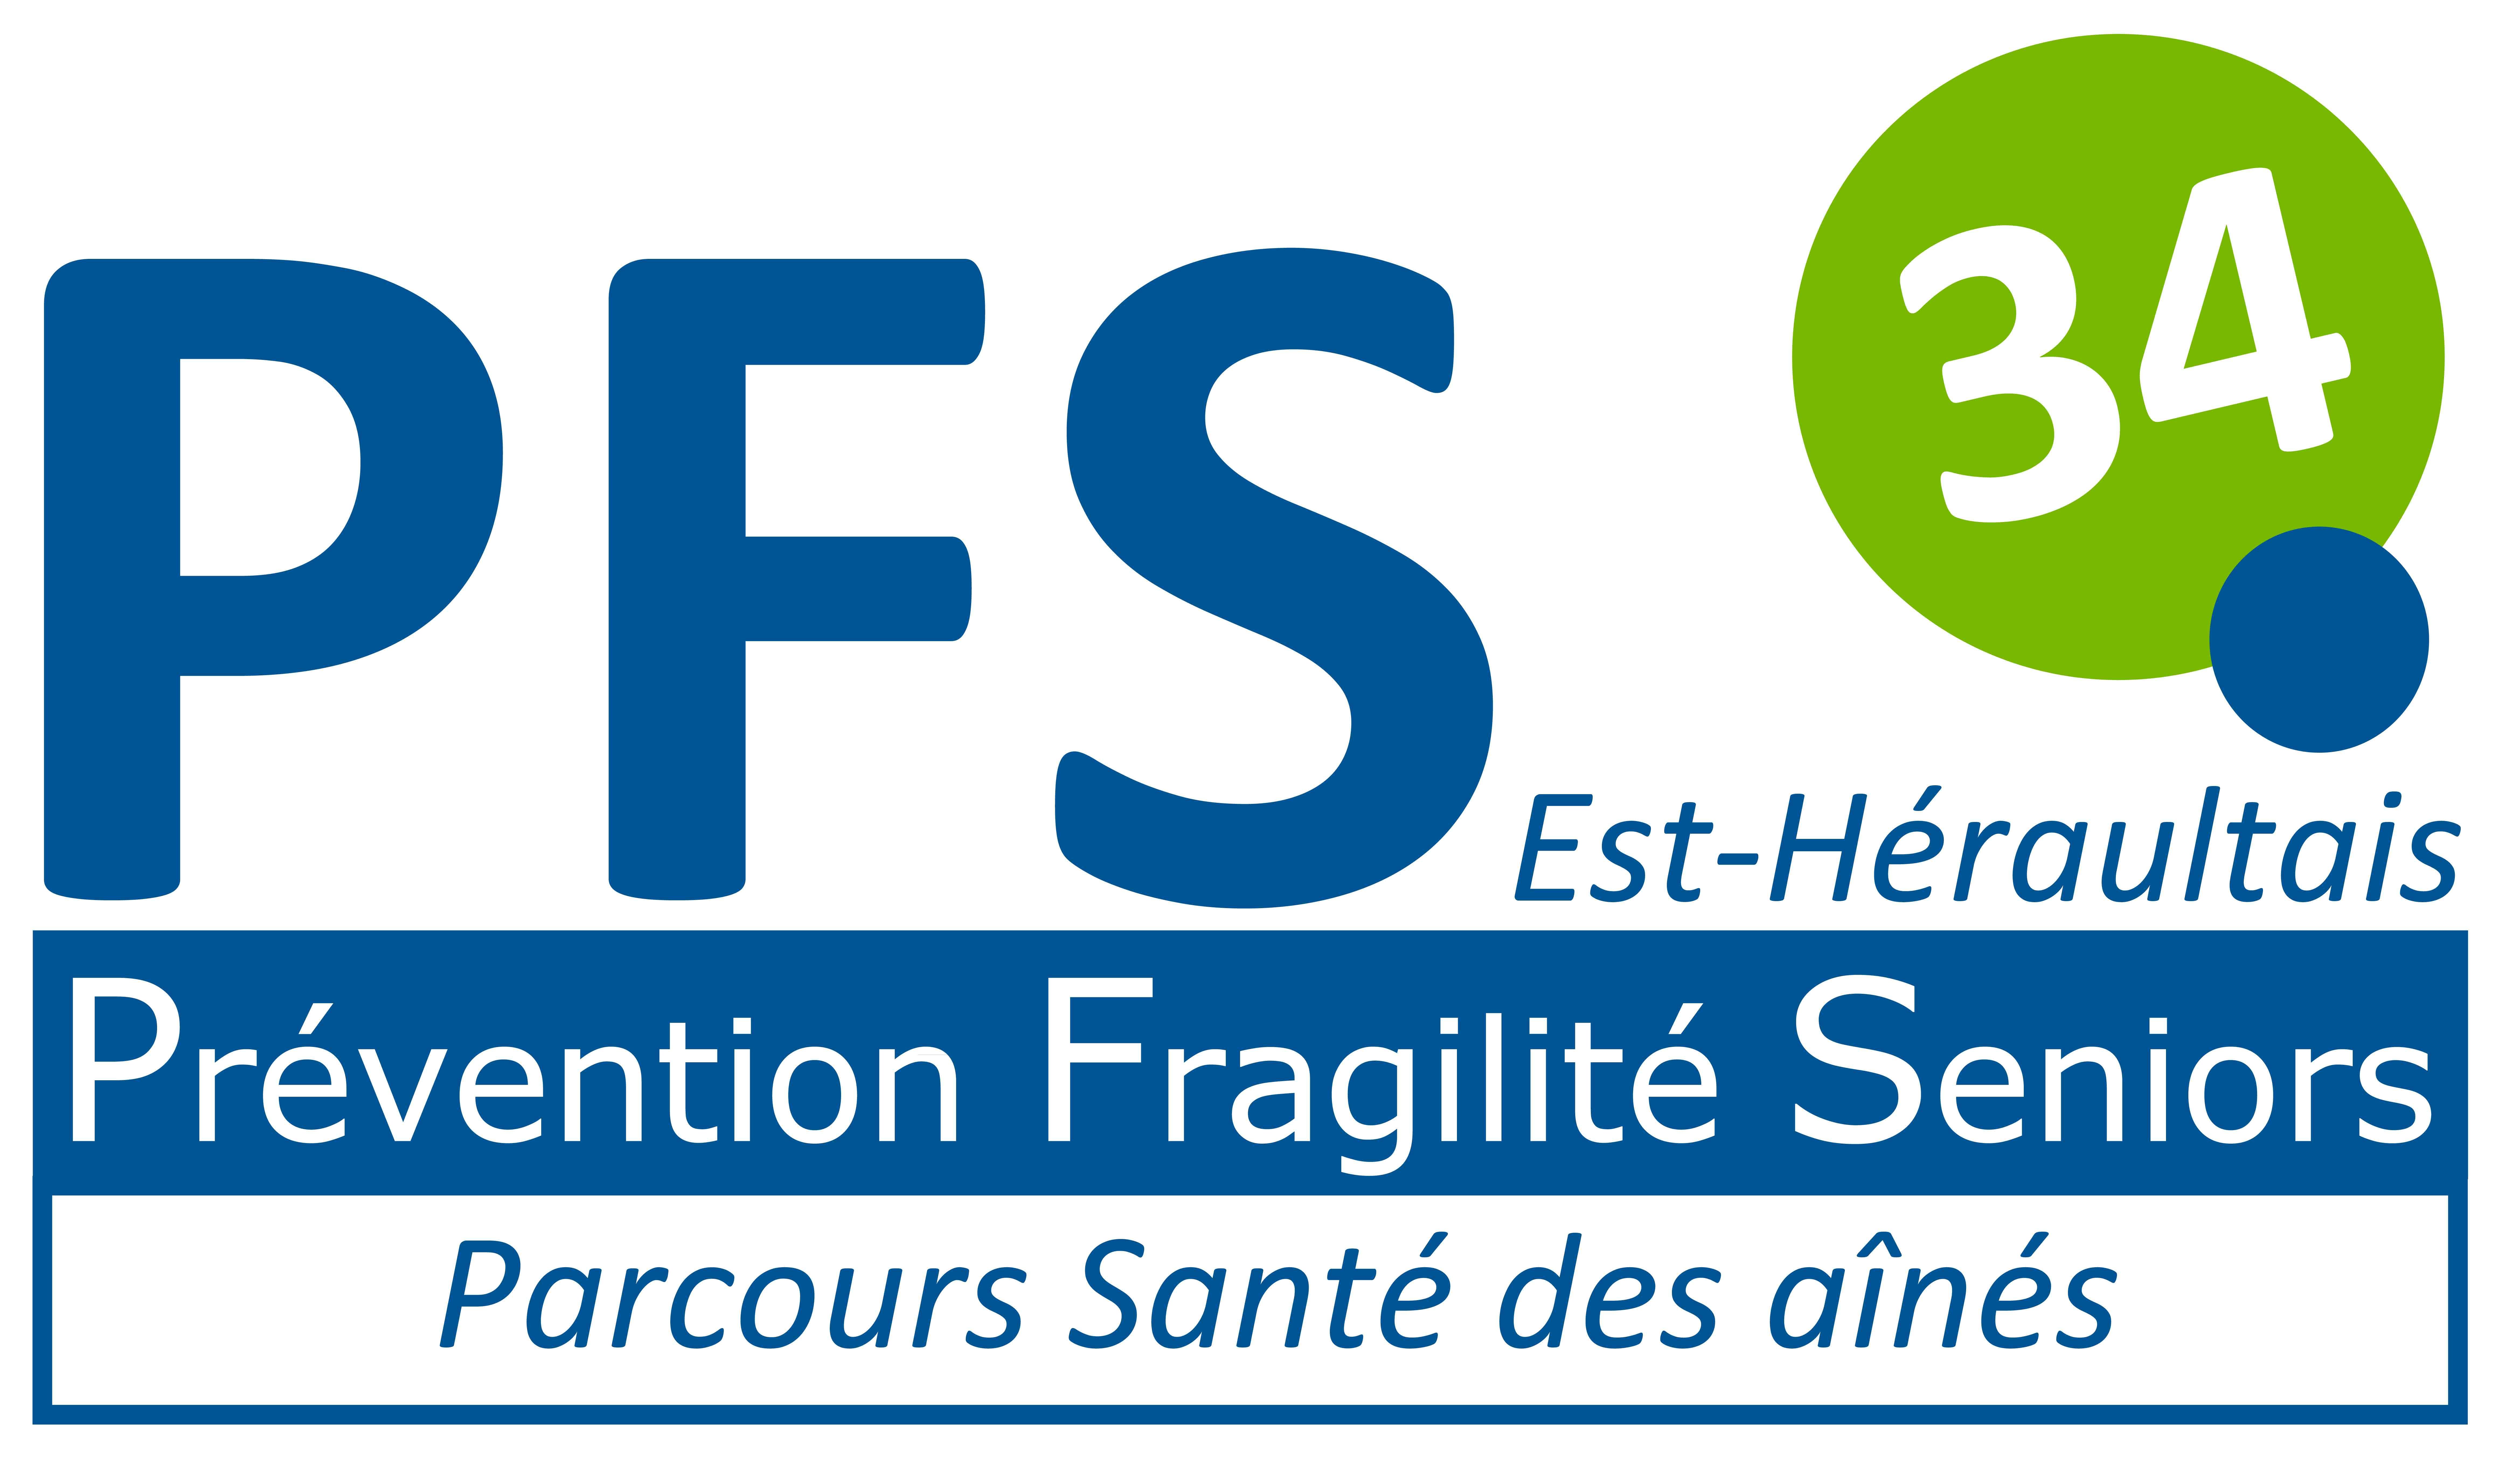 Prévention Fragilité Seniors PFS34